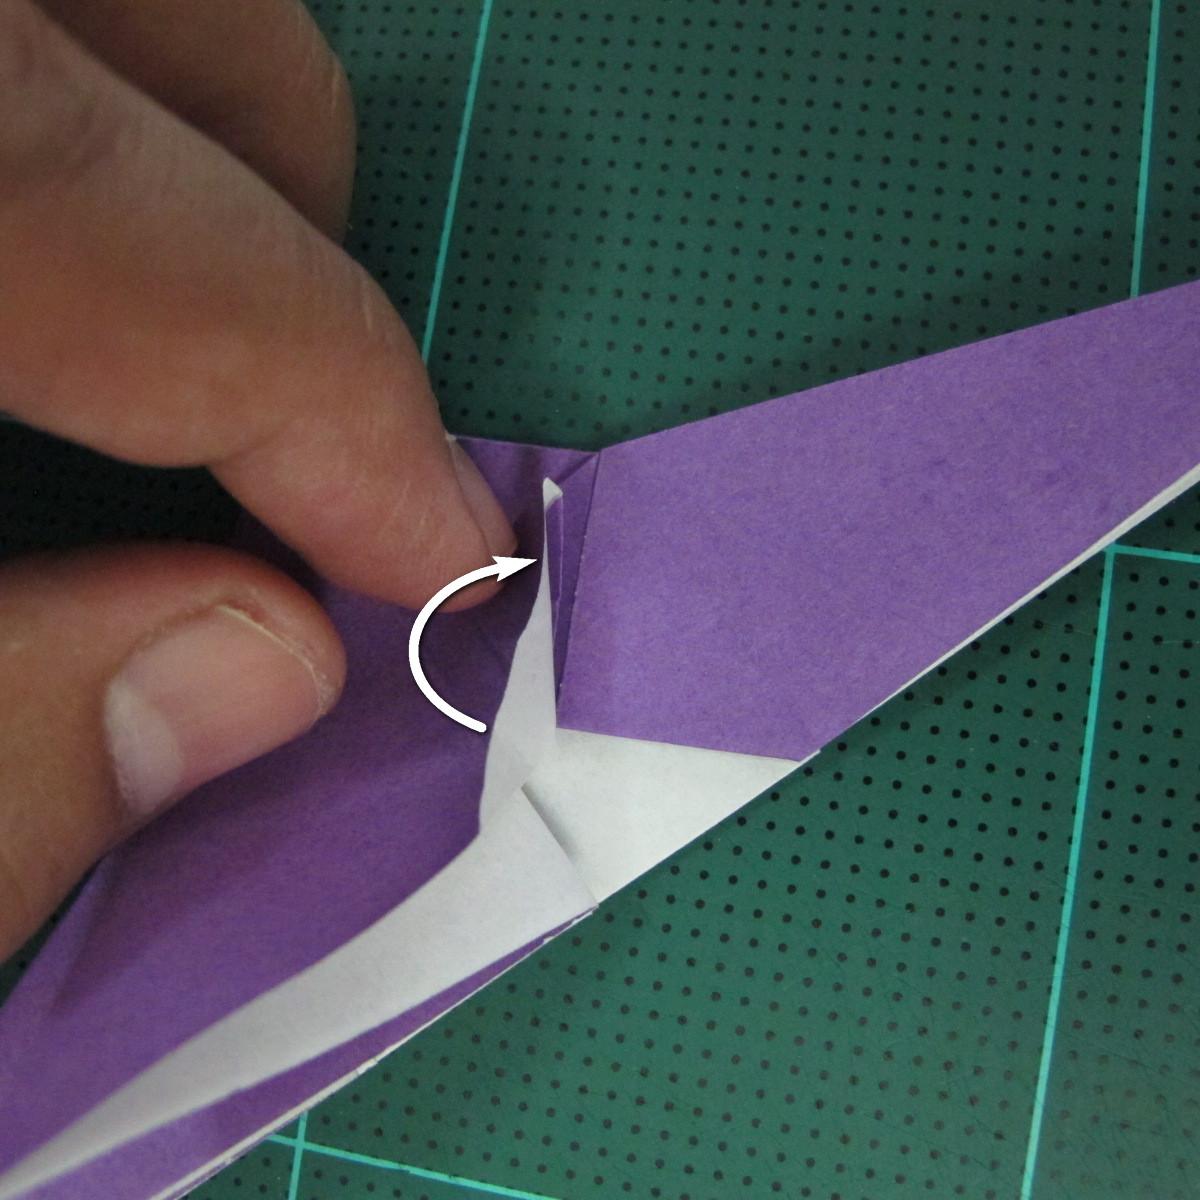 วิธีพับกระดาษเป็นรูปนกอินทรี (Origami Eagle) 010